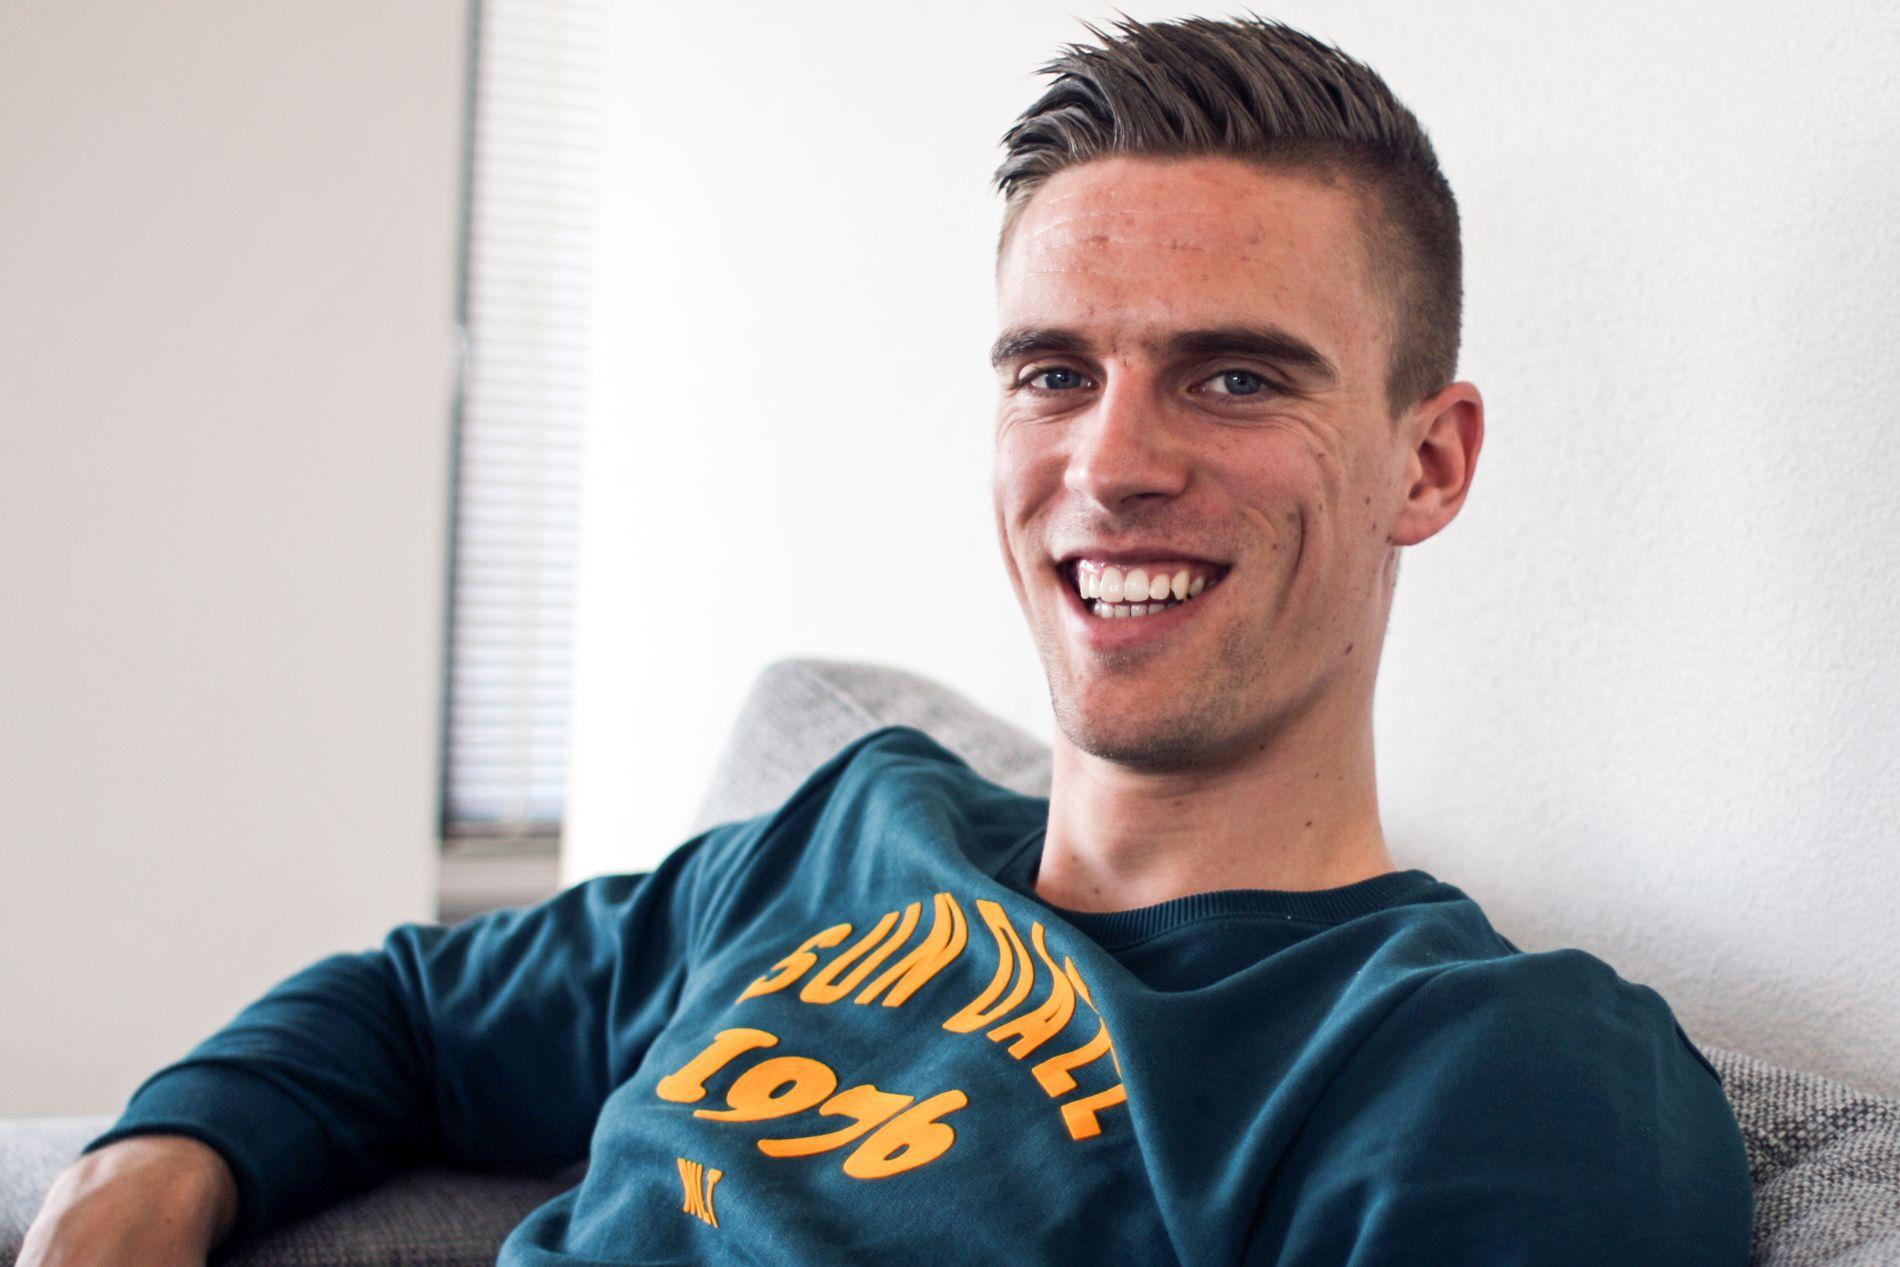 SOFAKROKEN: Markus Henriksen hjemme i Alkmaar. Nå kan Torino bli hans neste bopel.